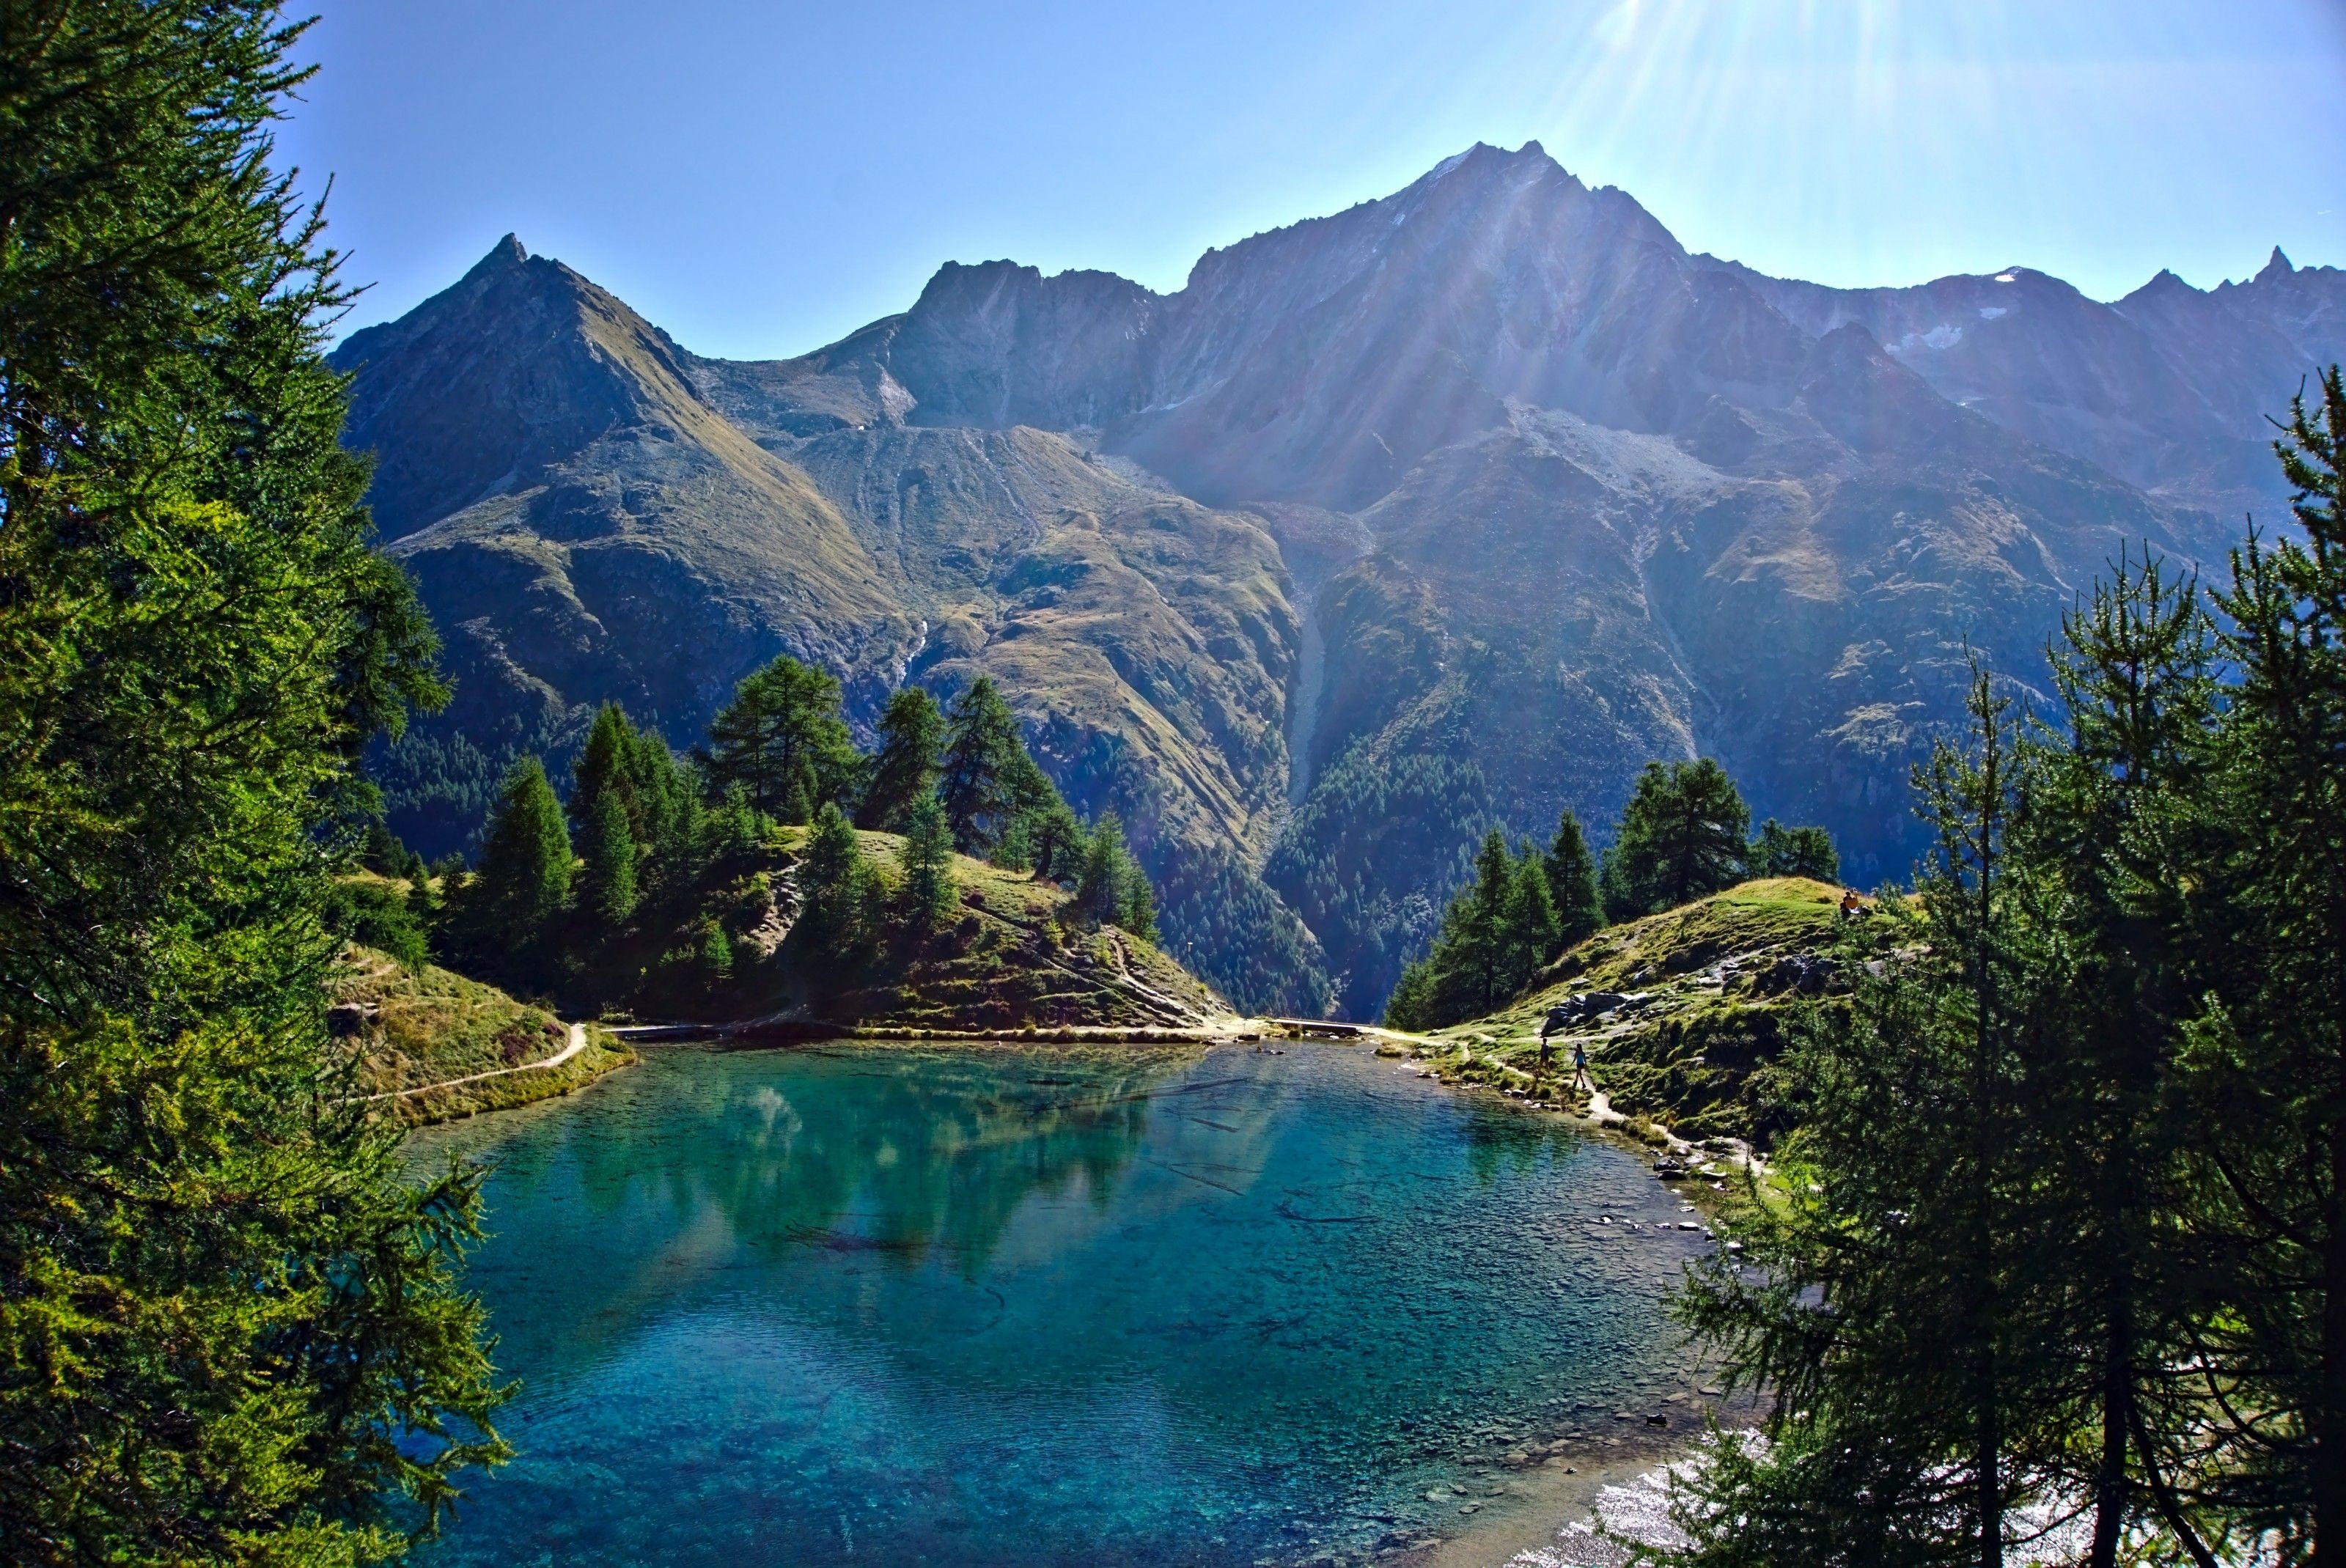 la rando des 5 lacs parmi les plus beaux paysages de suisse voyages suisse et paysages. Black Bedroom Furniture Sets. Home Design Ideas